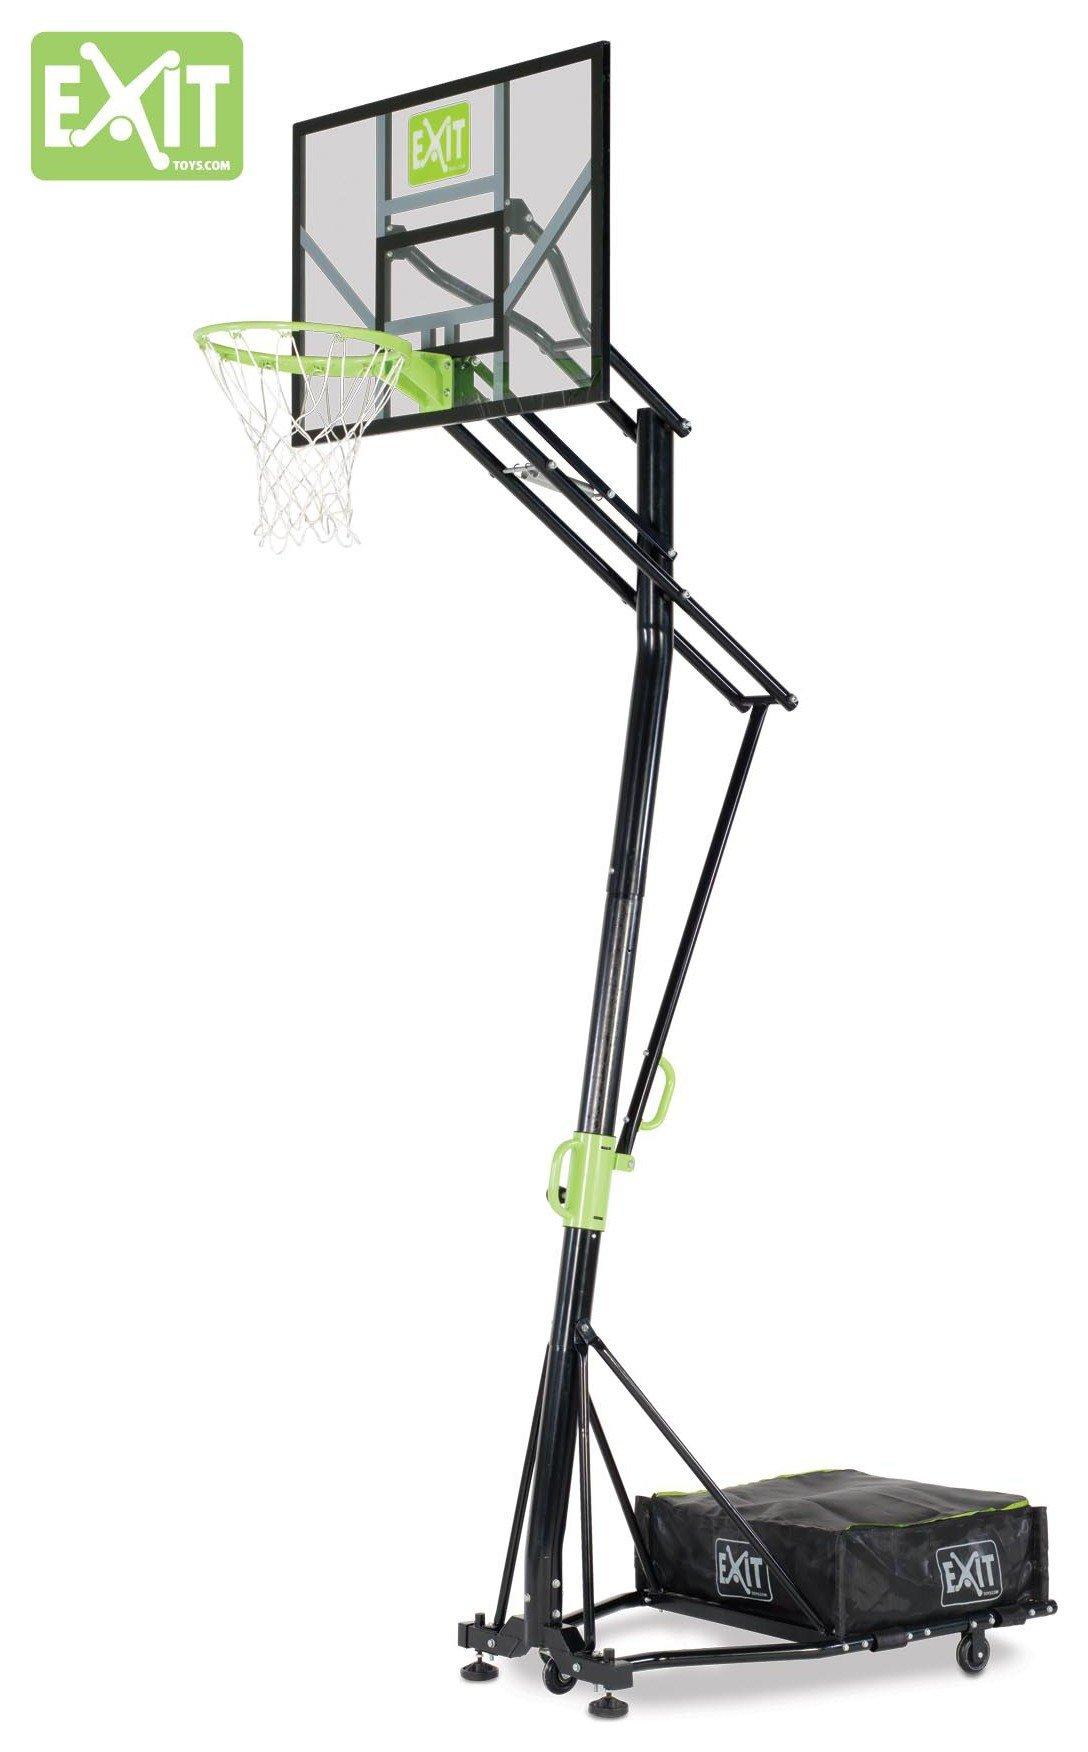 Exit Galaxy Portable Basket.